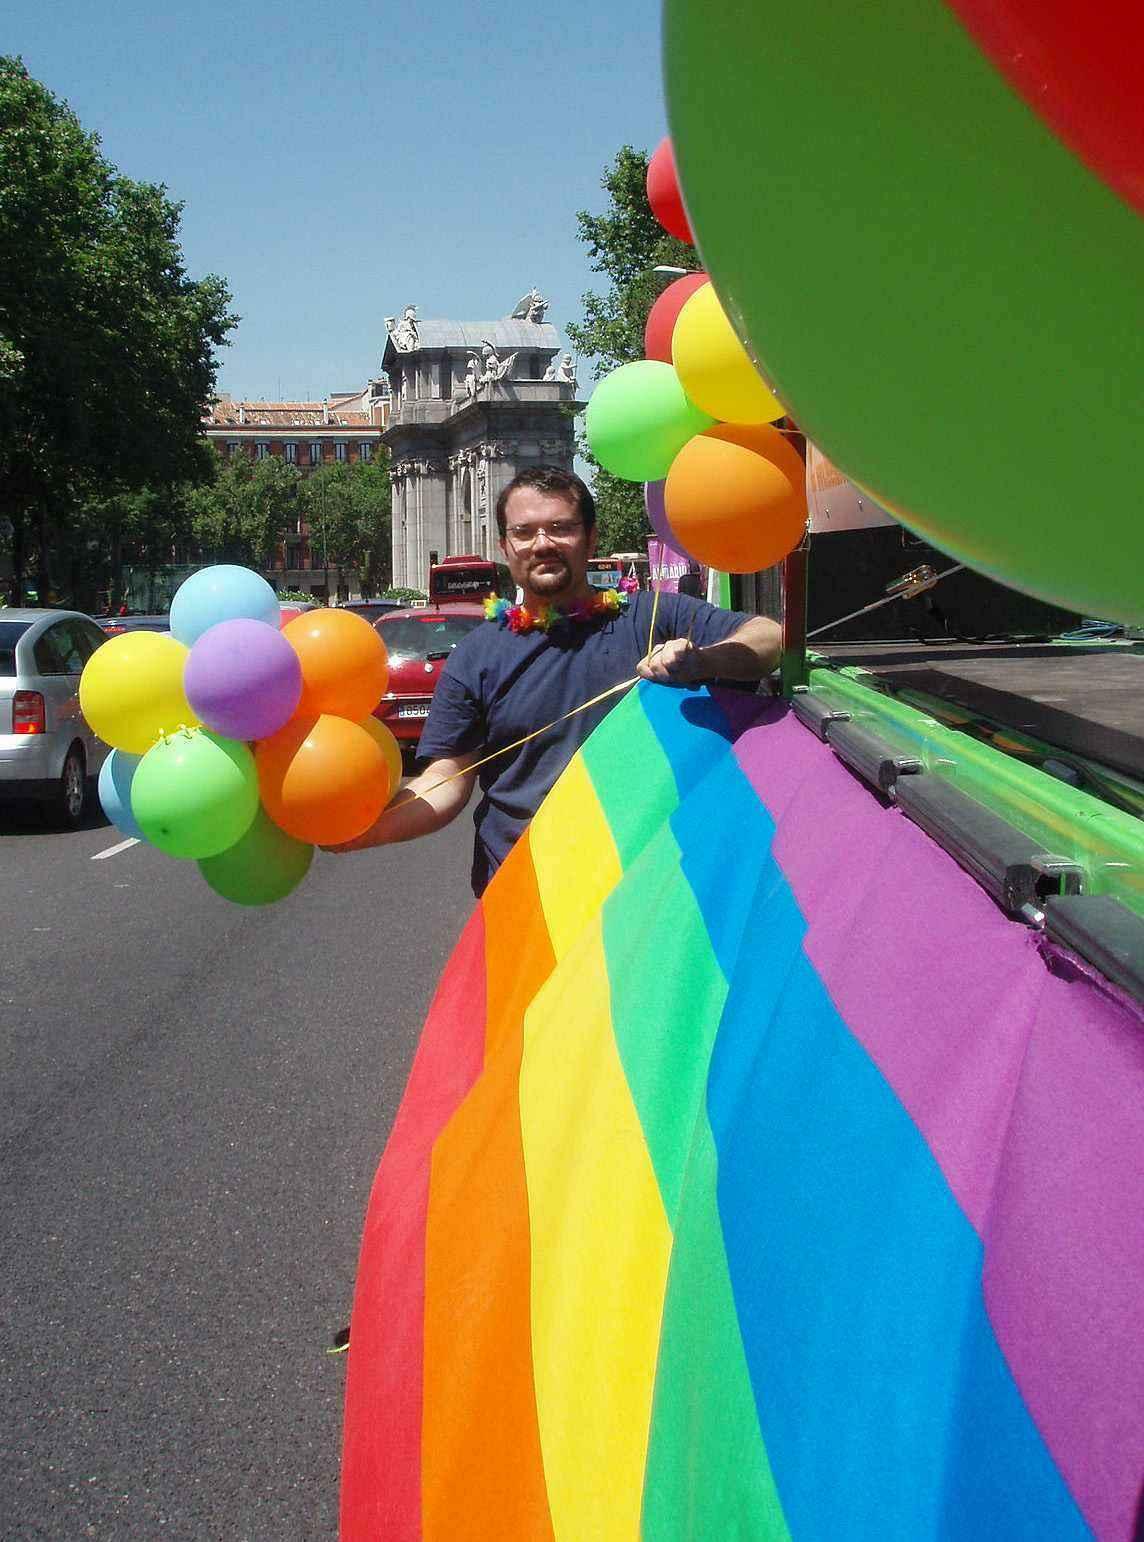 Fiestas Orgullo Gay 2007 El Rinconcito de iSRa